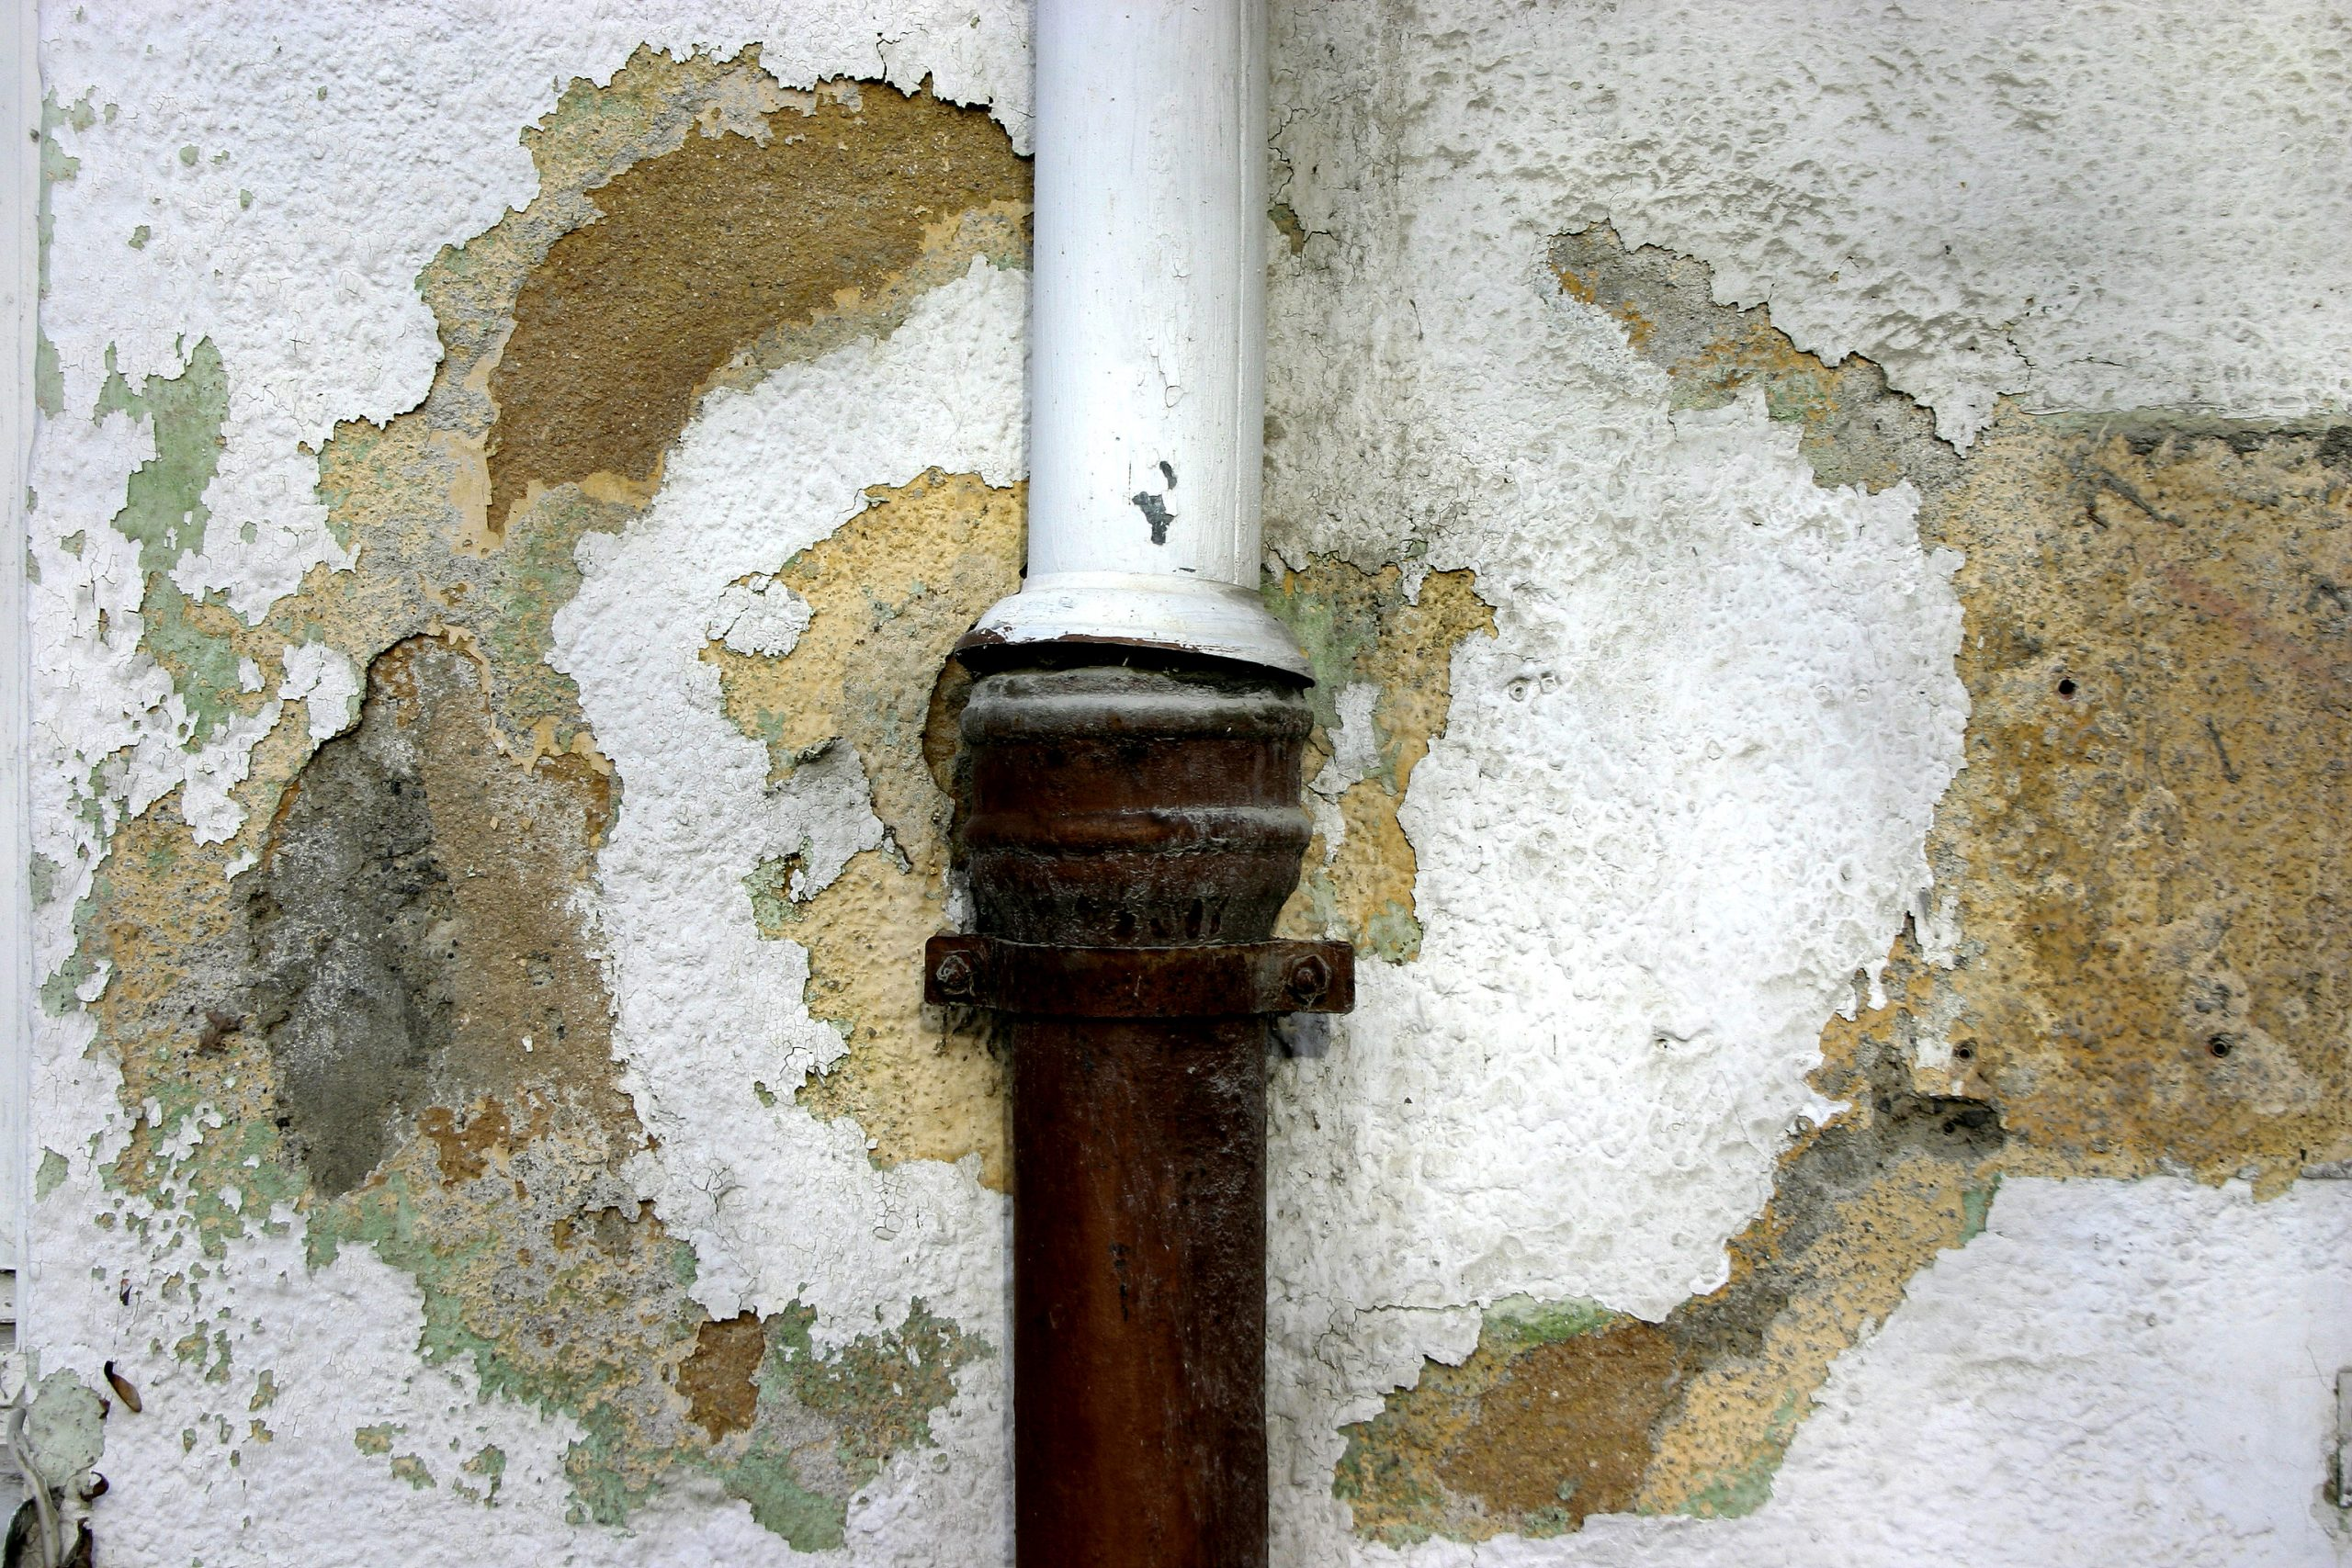 Pipe Damage